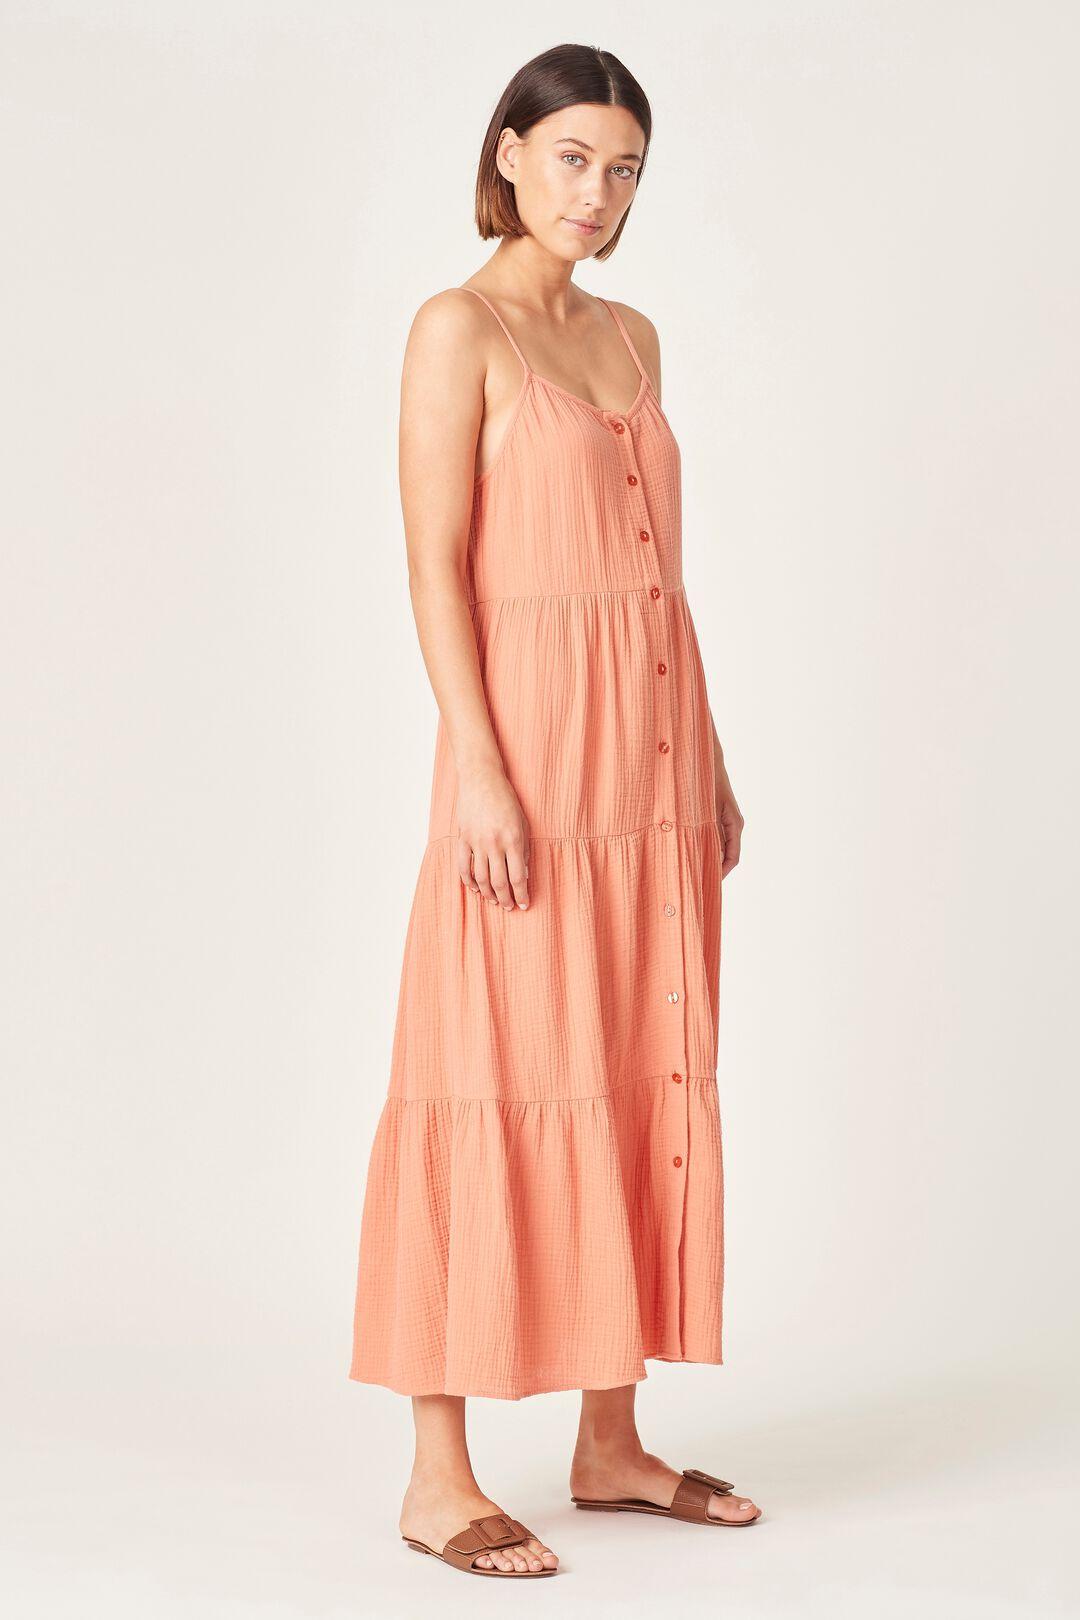 COTTON CRINKLE TIERED DRESS  BURNT ORANGE  hi-res